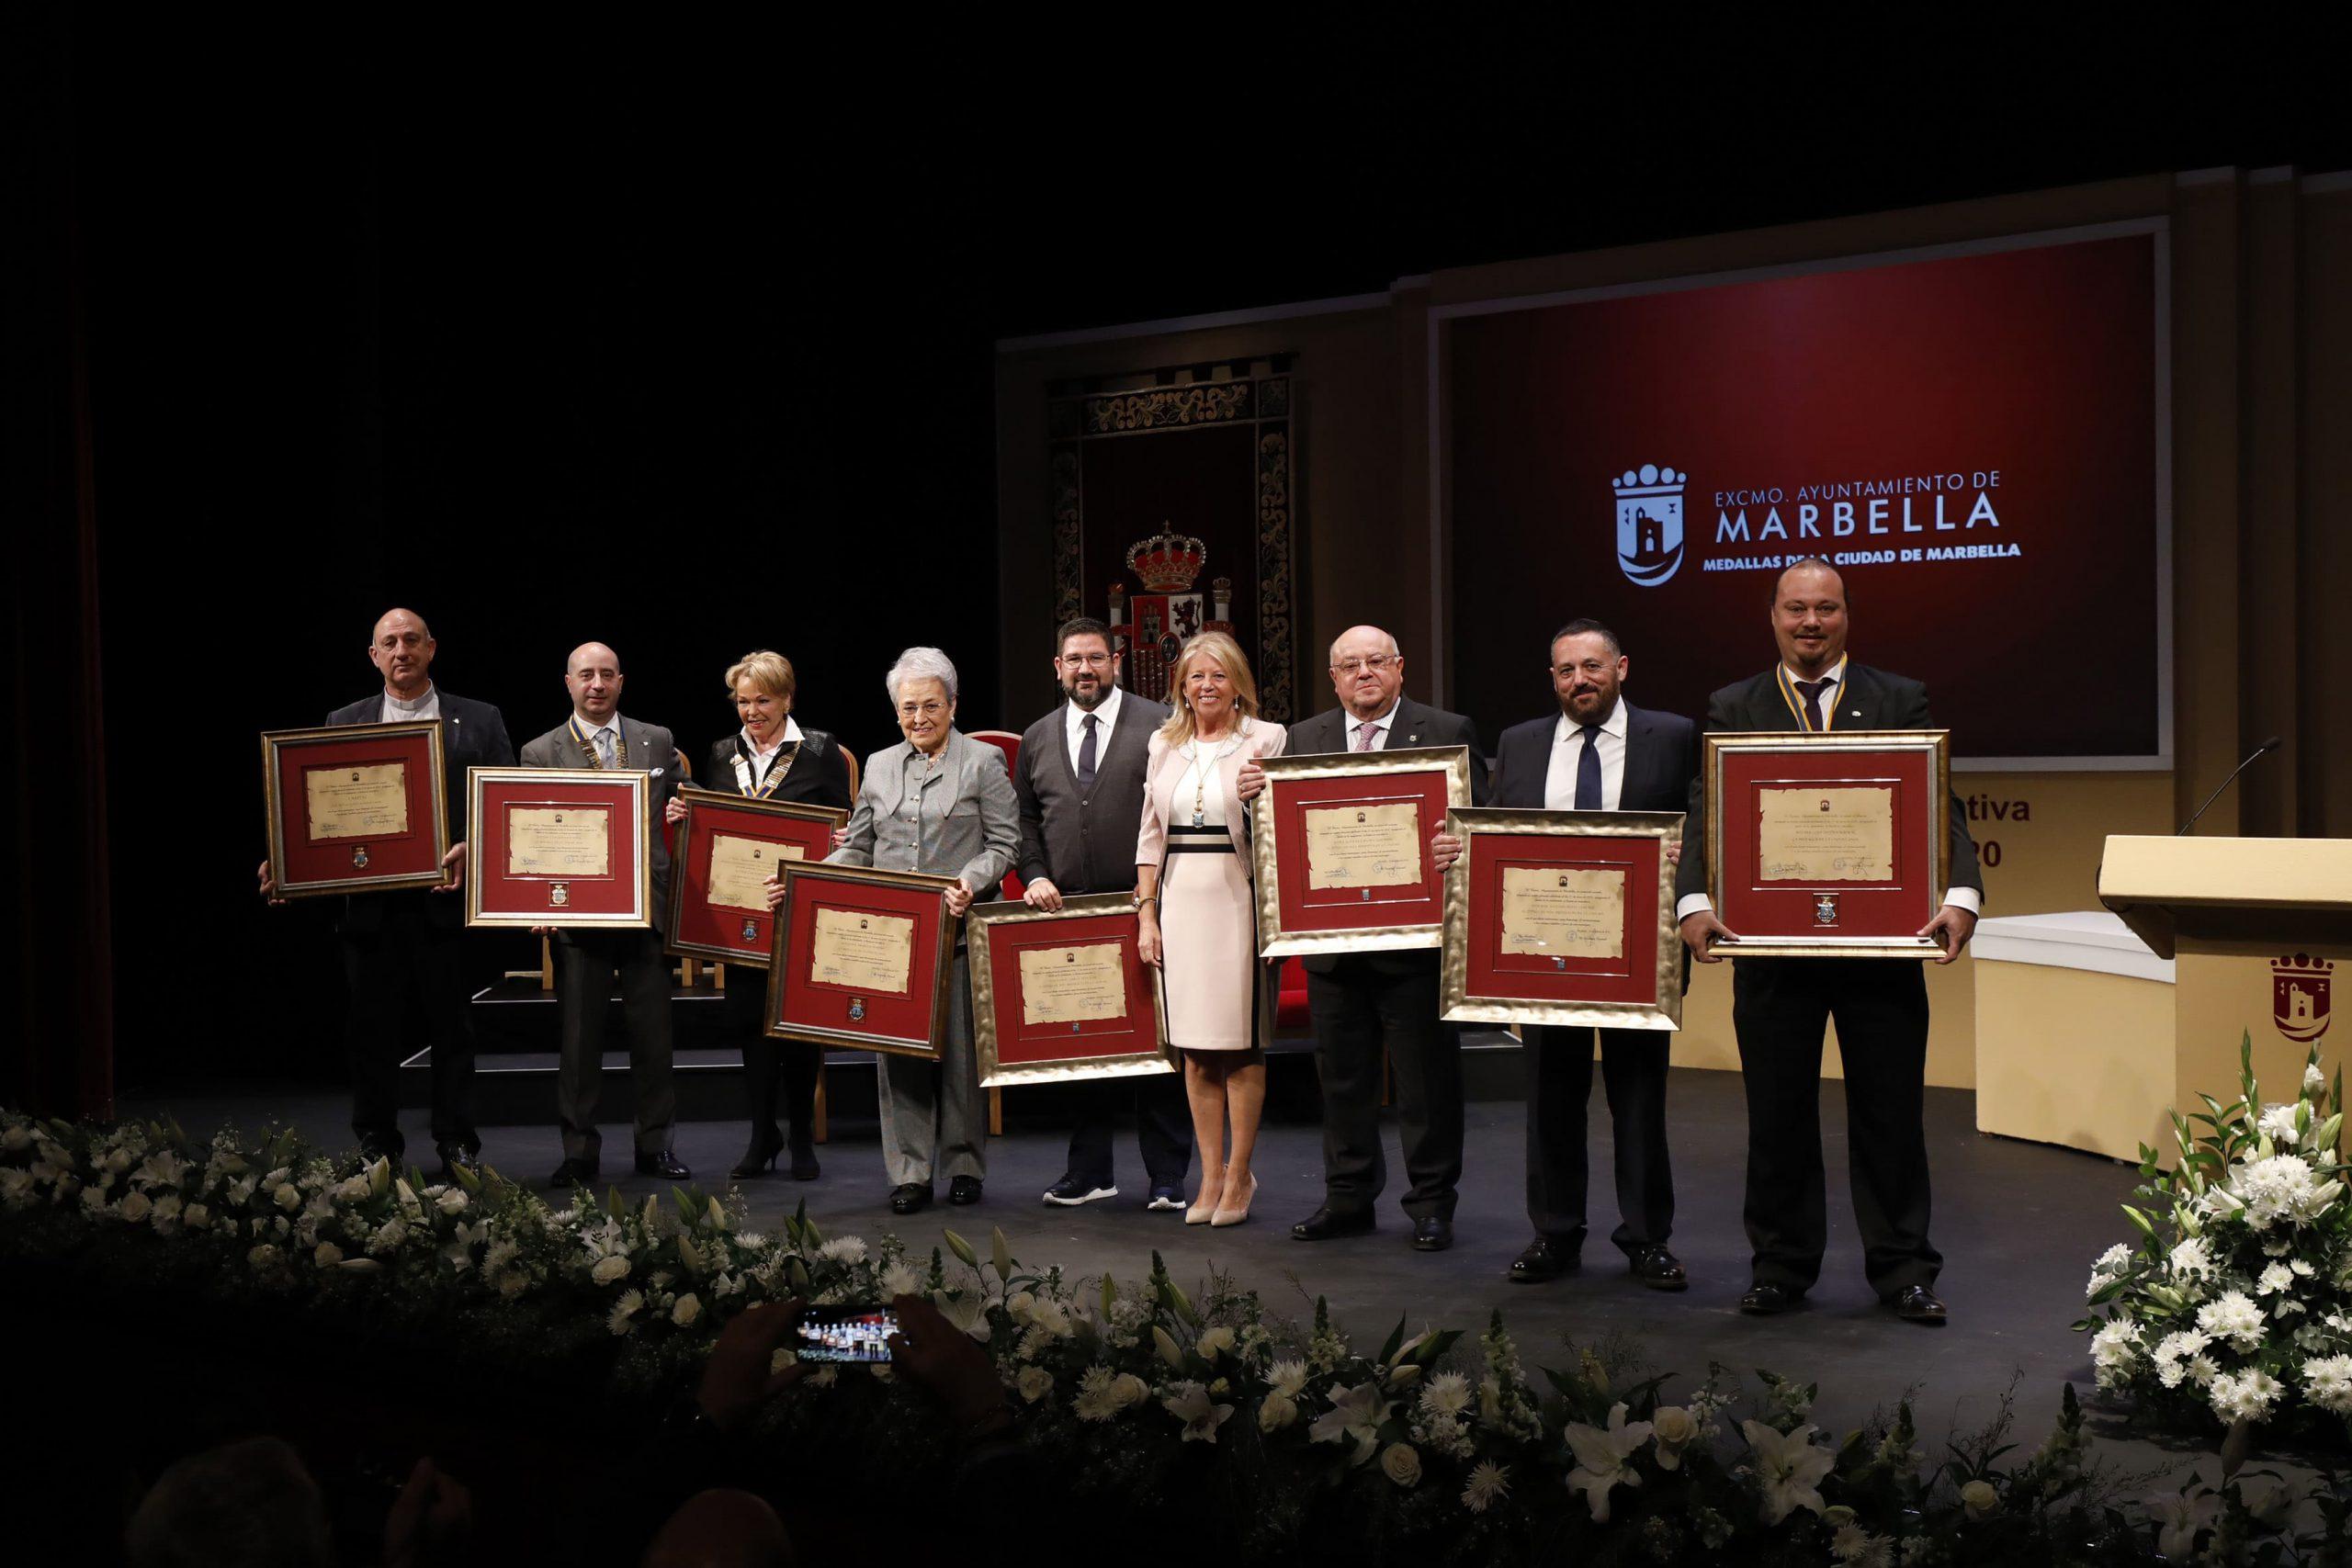 Marbella celebra el Día de Andalucía con los nombramientos de sus Hijos Predilectos e Hija Adoptiva